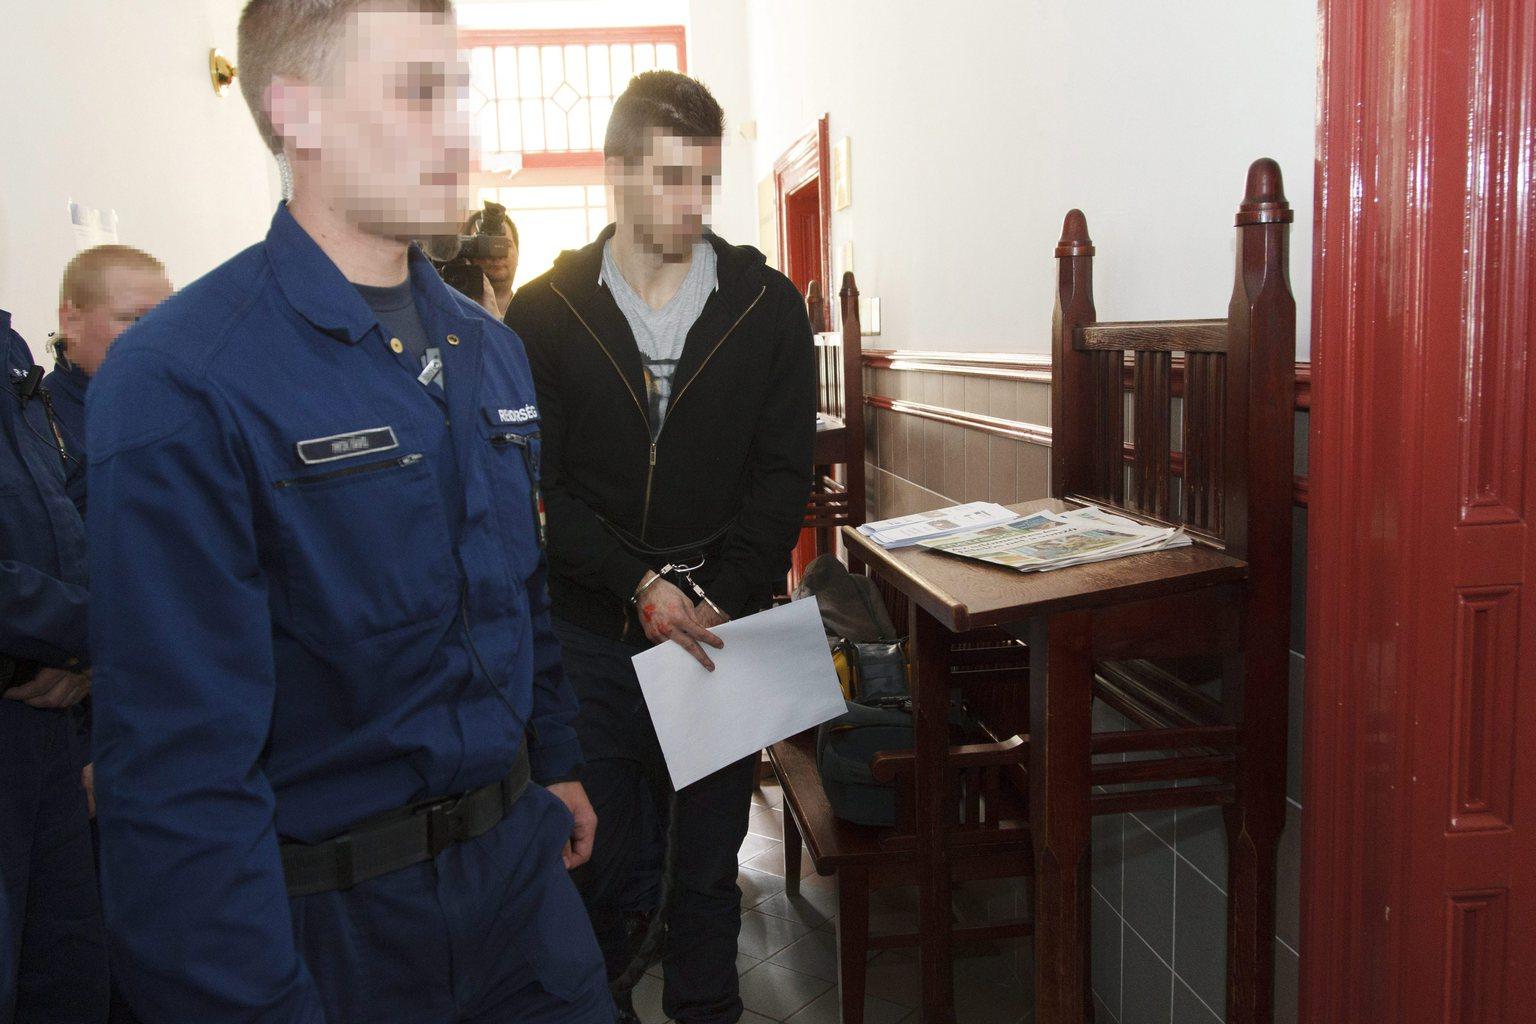 A zalaegerszegi emberölés gyanúsítottját vezetik a Zala Megyei Törvényszéken 2015. április 14-én. A gyanú szerint a férfi megölt egy 18 éves lányt 2015. április 11-én éjjel. A bíróság a gyanúsítottat előzetes letartóztatásba helyezte. MTI Fotó: Varga György